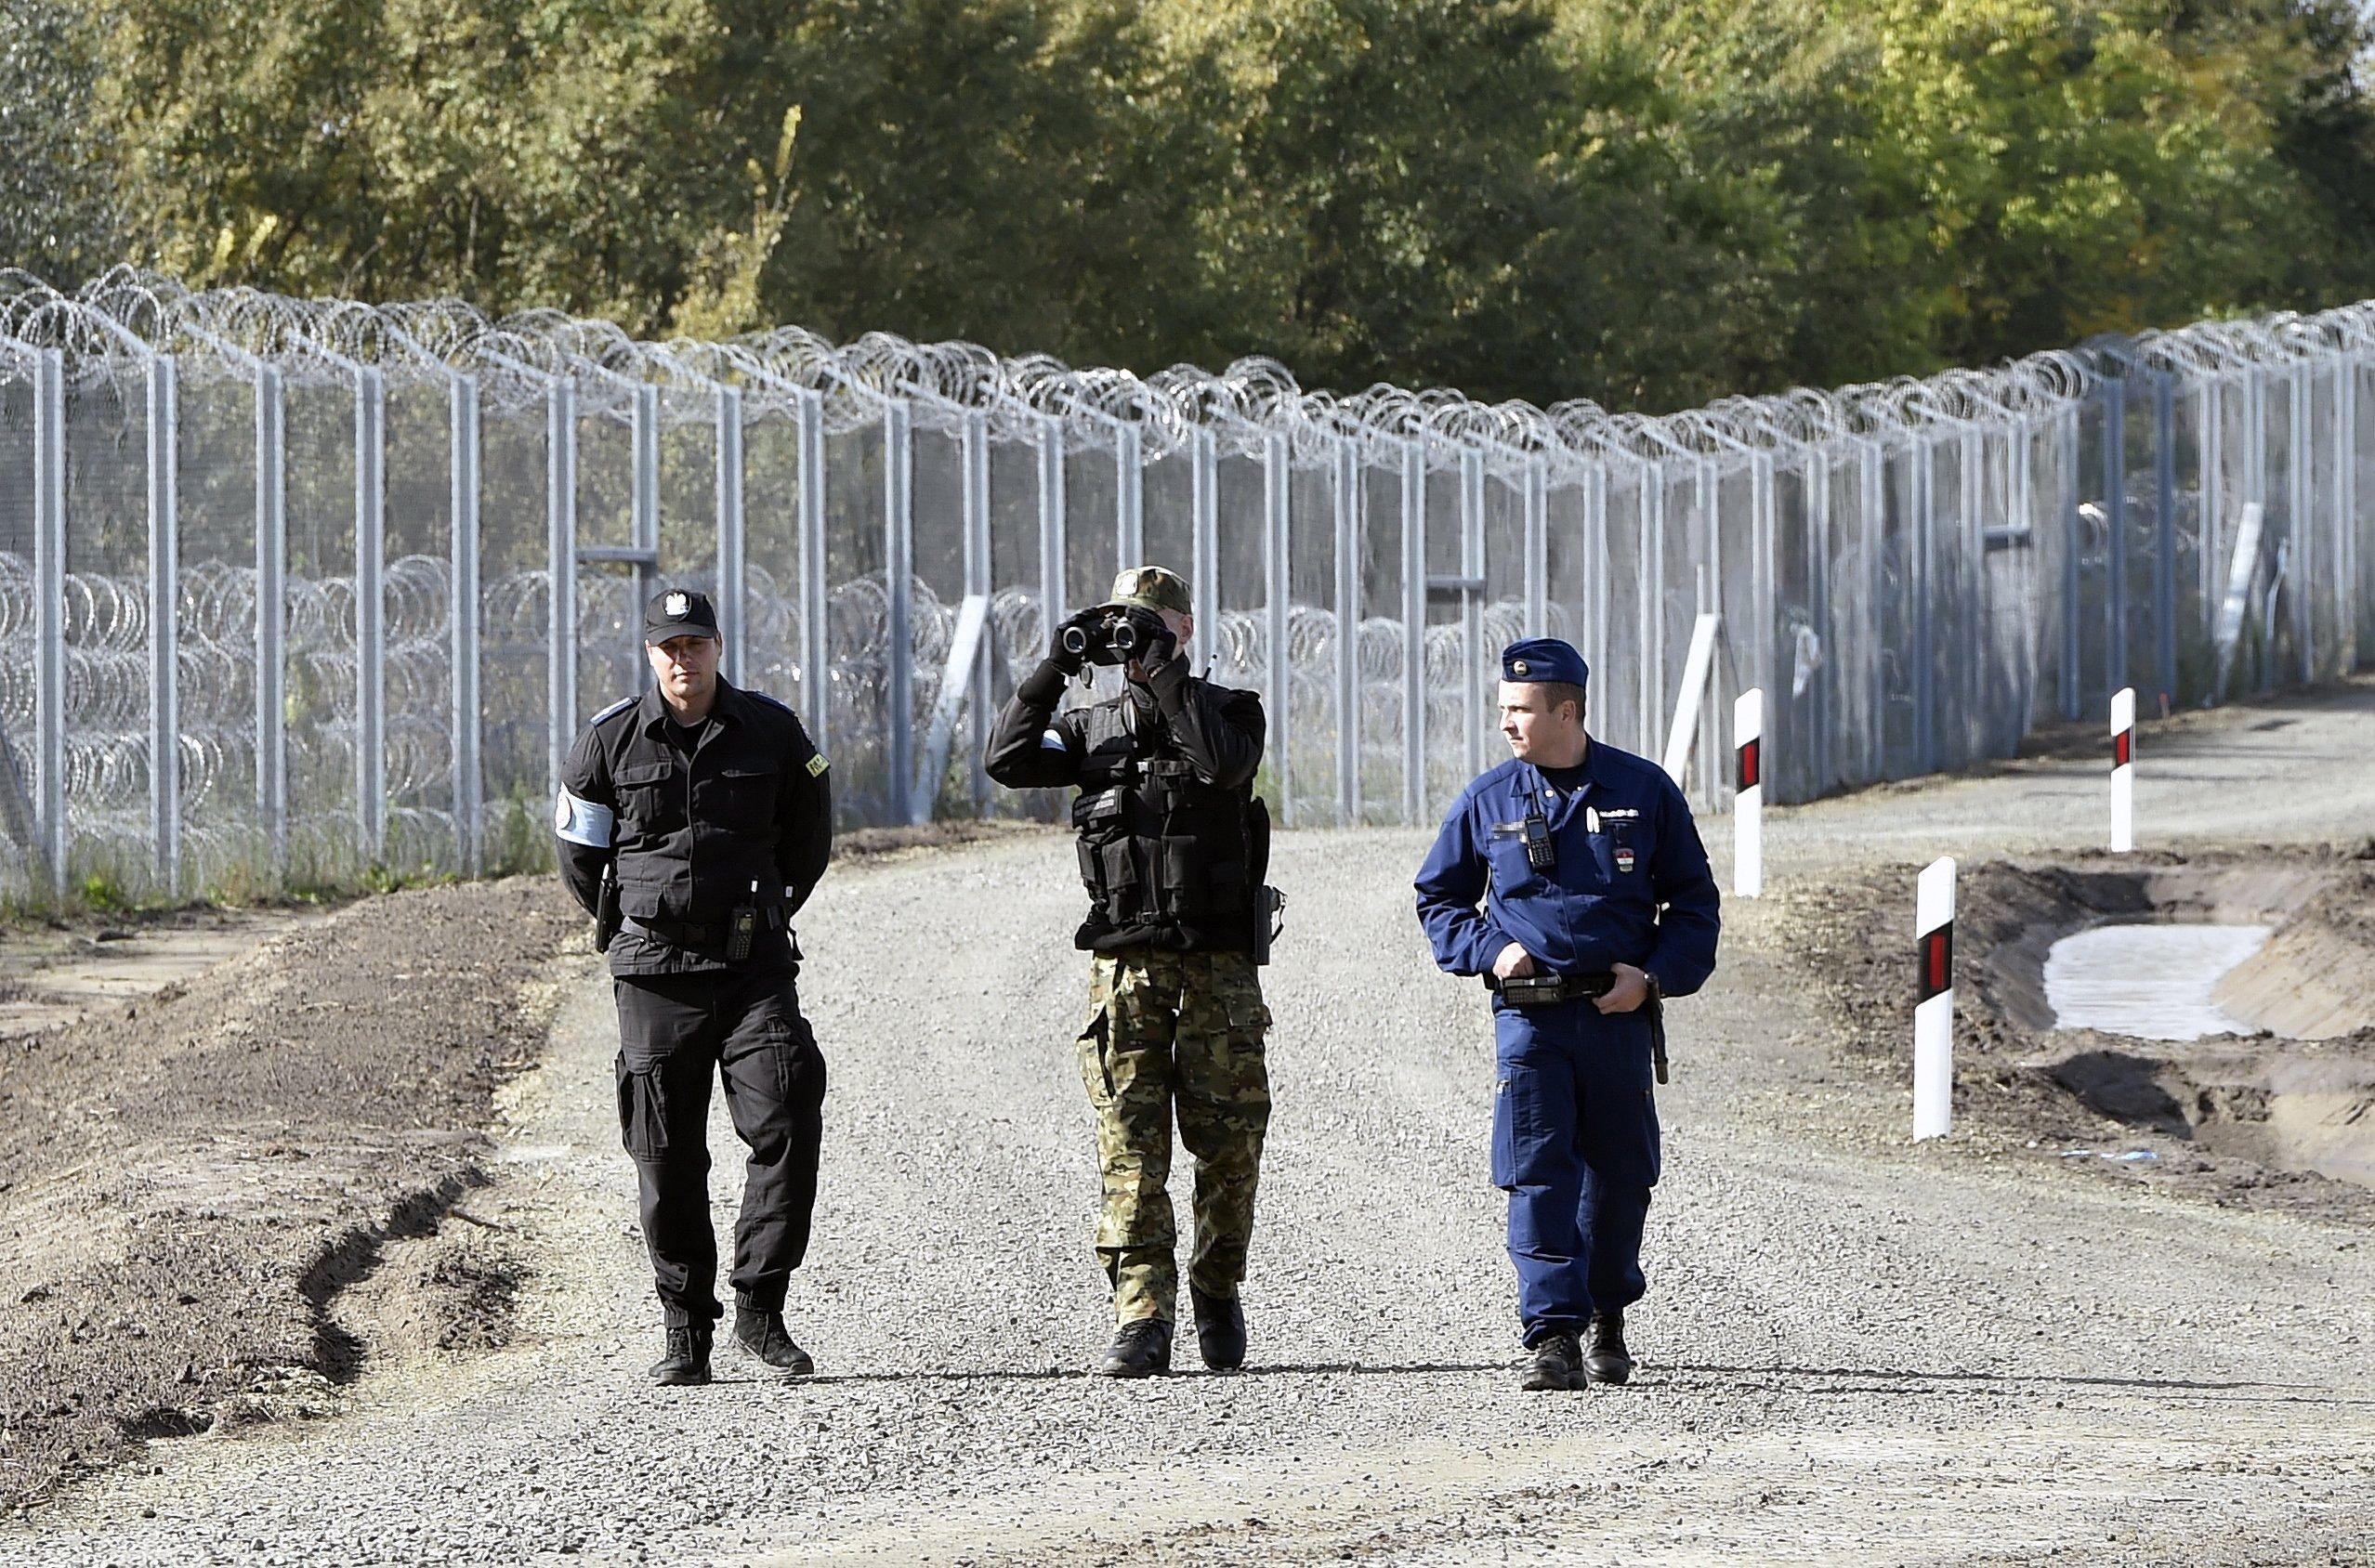 Csak a jelentkezők harmada kezdte meg a határvadászképzést